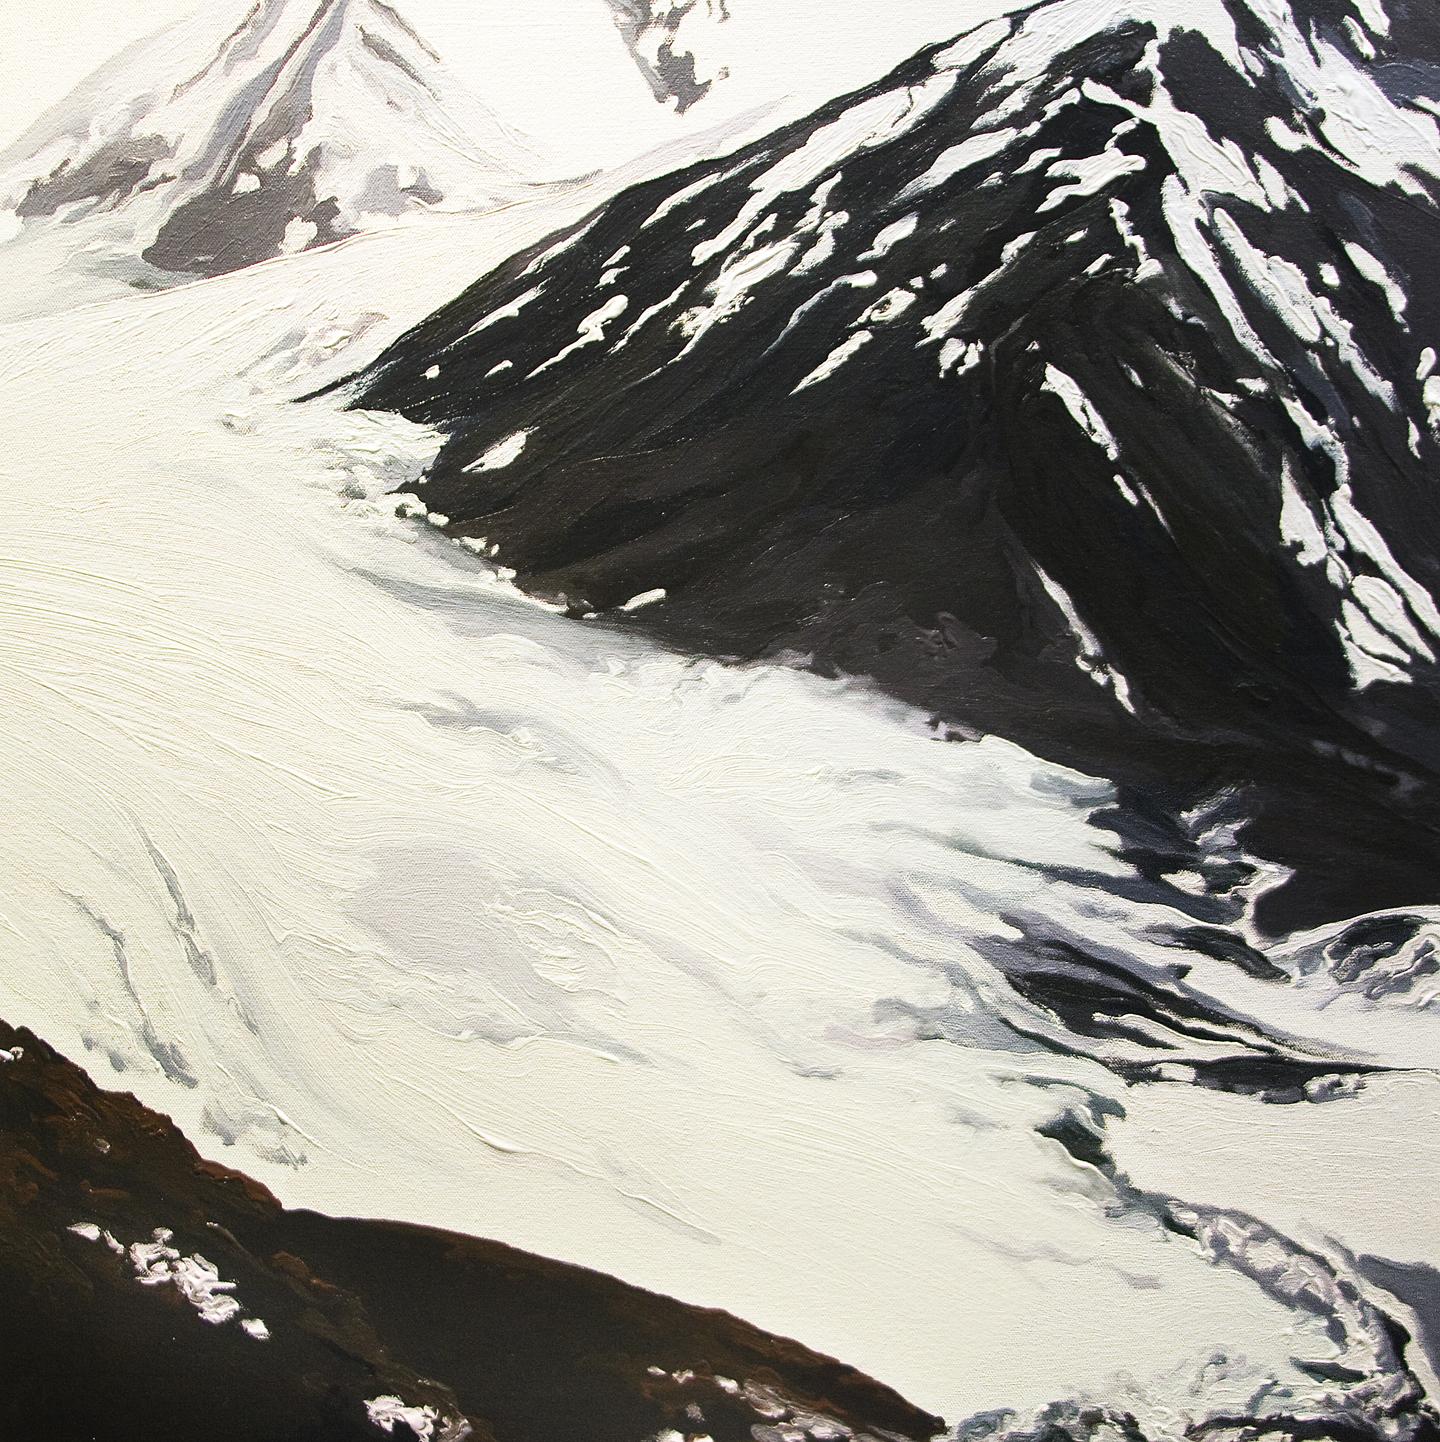 Portage Glacier 1914, after NOAA photo